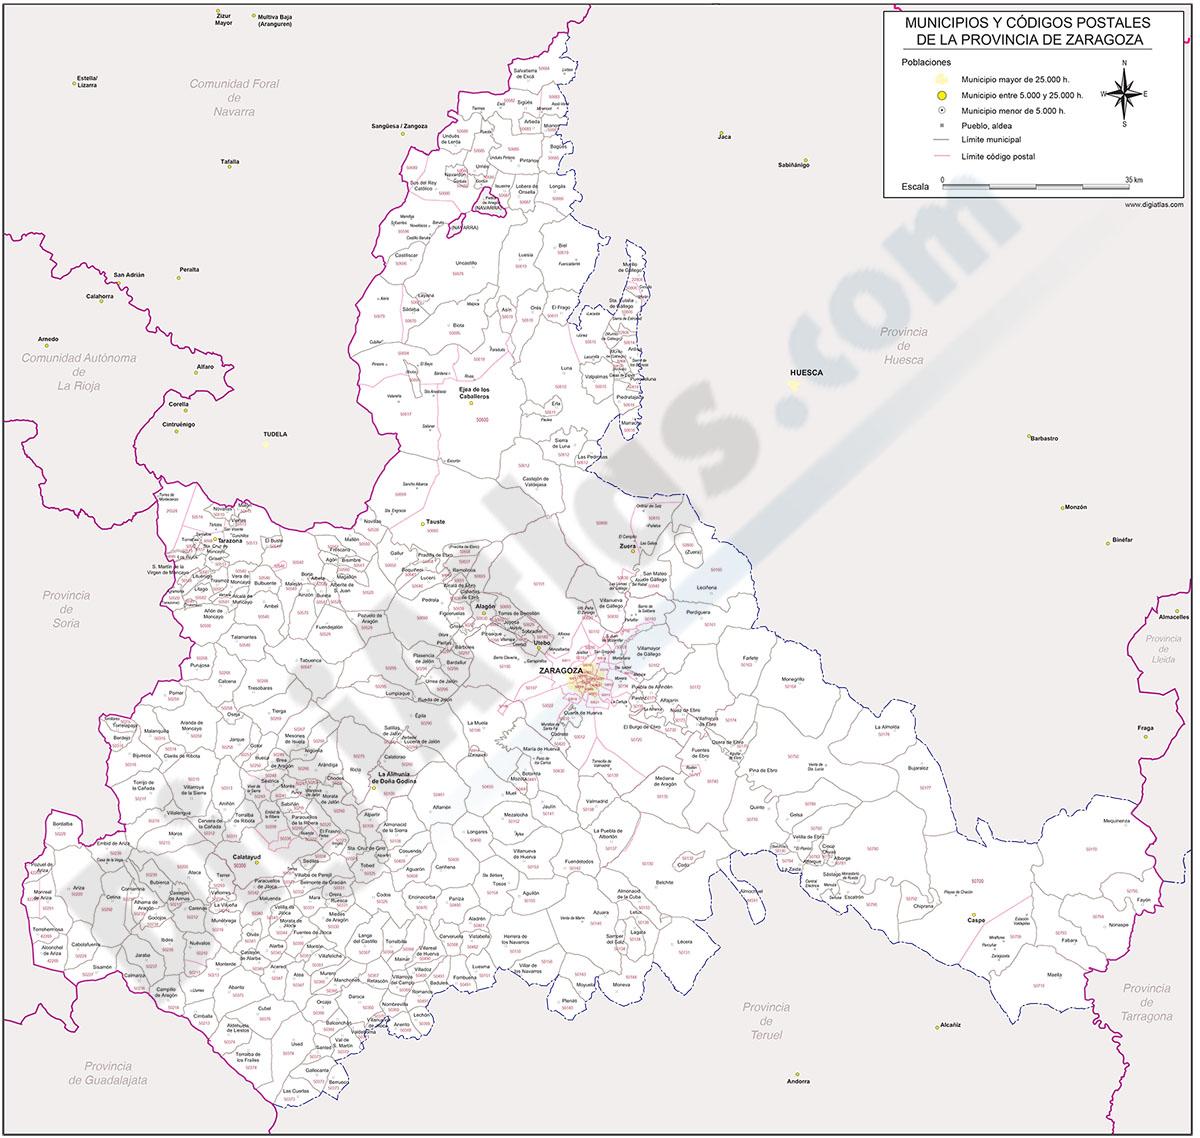 Zaragoza - mapa provincial con municipios y Códigos Postales